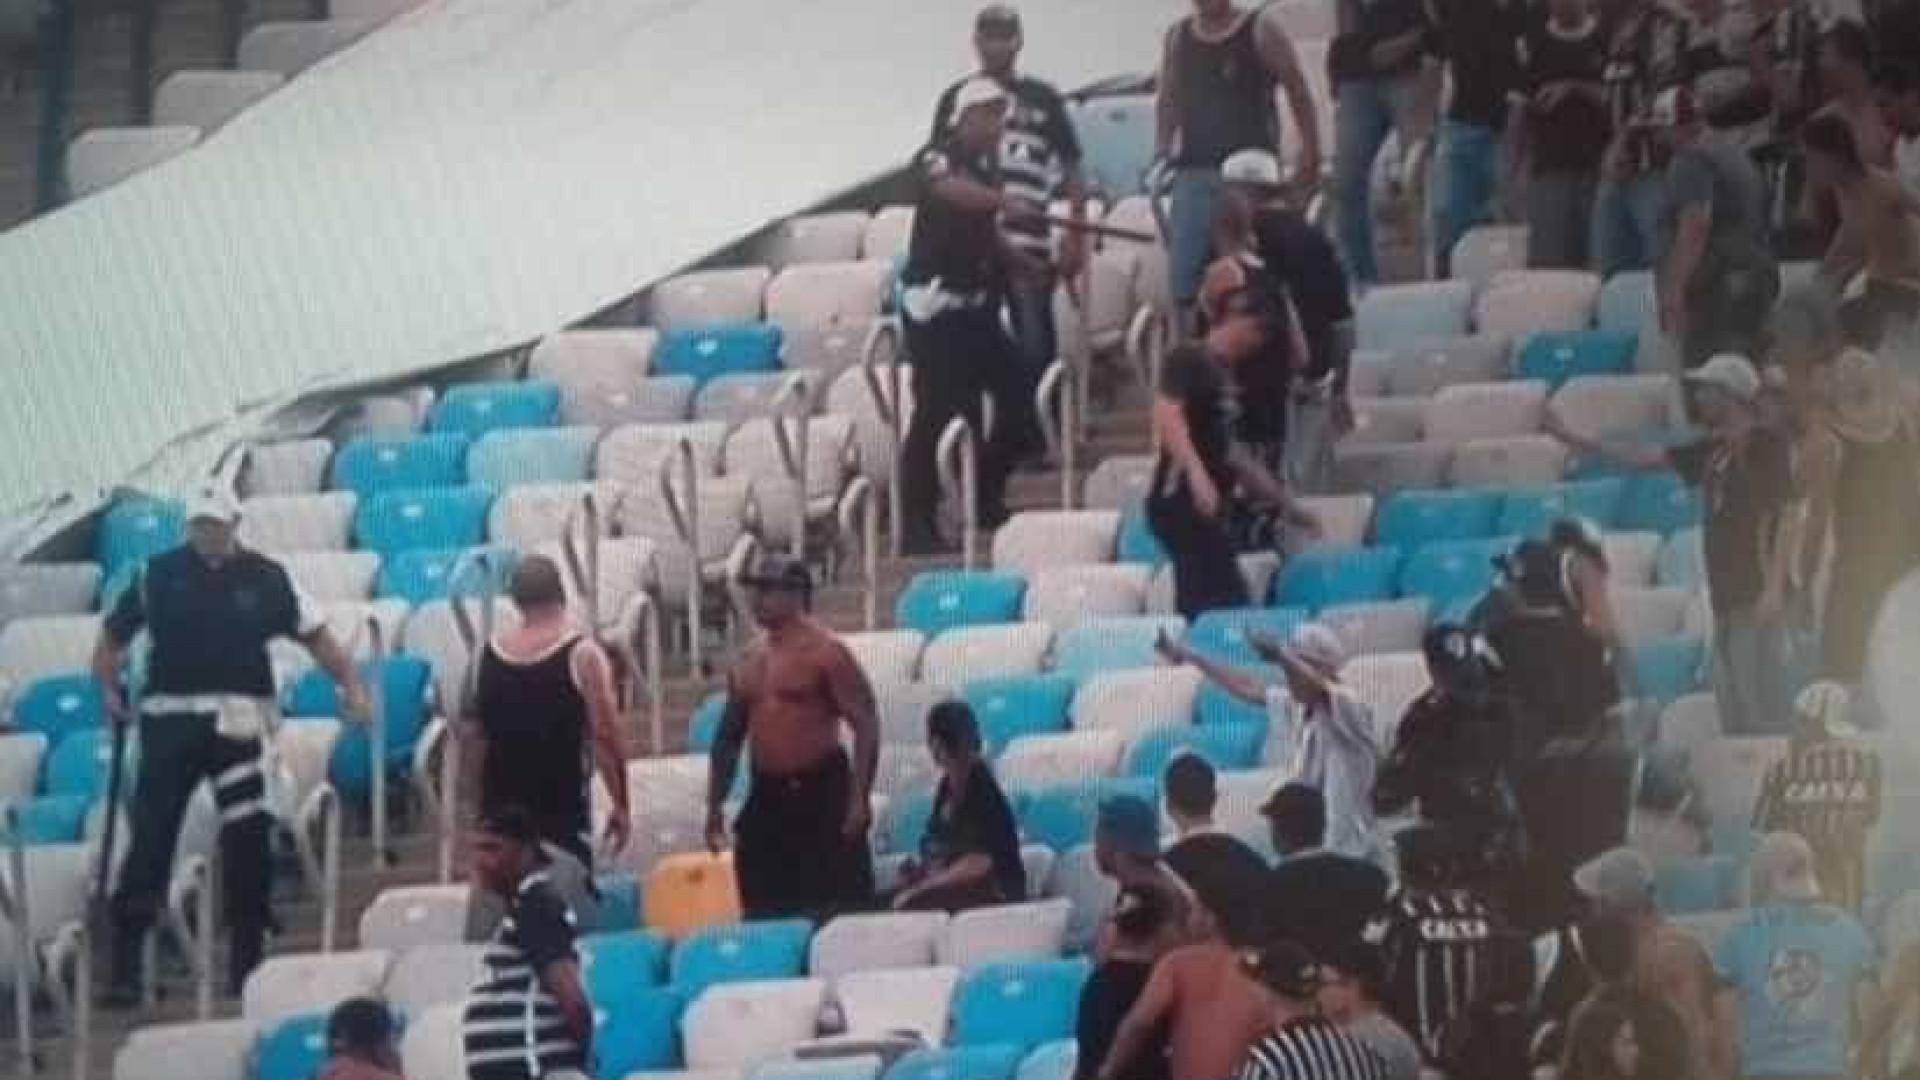 Corinthians detona PM do Rio por 'aprisionar' torcedores no Maracanã